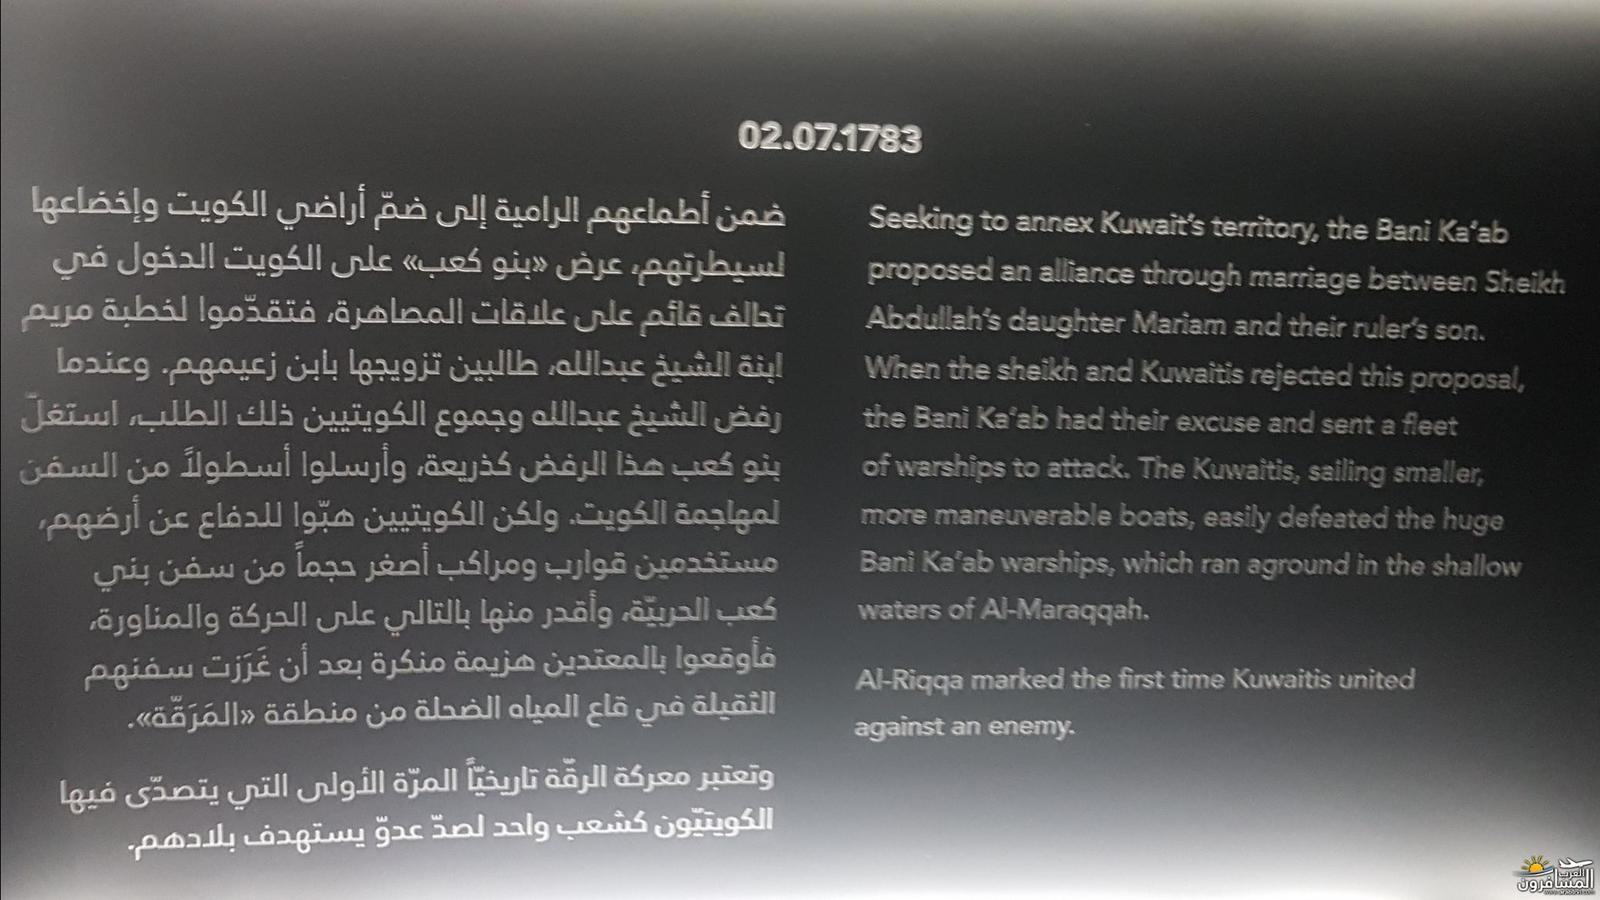 arabtrvl1522439587461.jpg